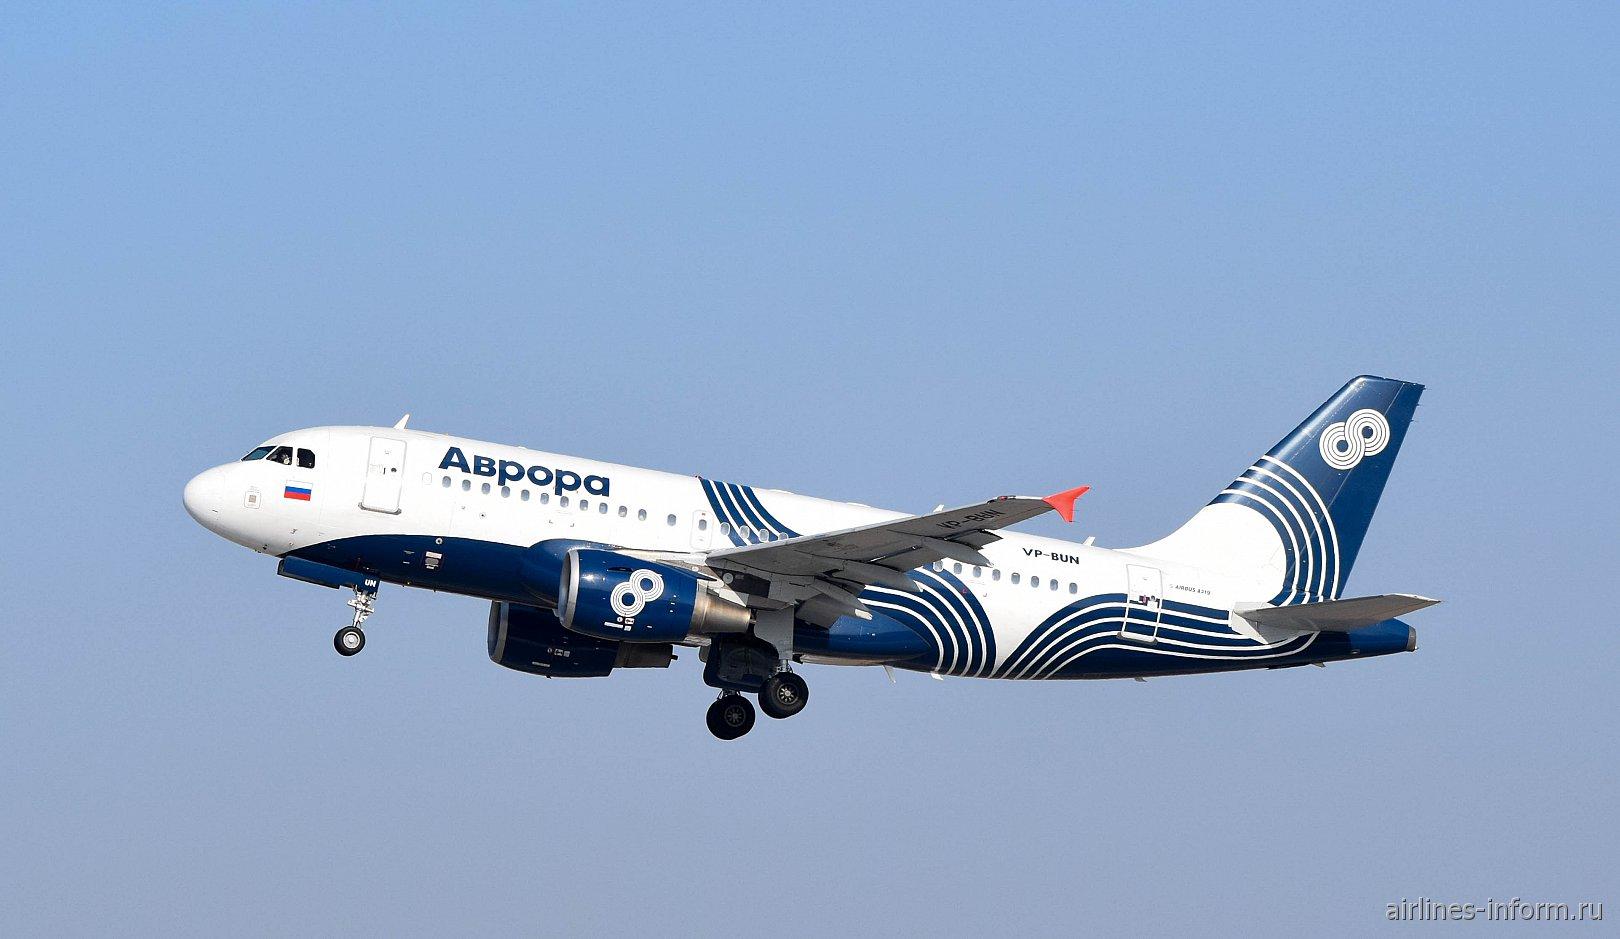 """Самолет Airbus A319 с номером VP-BUN авиакомпании """"Аврора"""""""